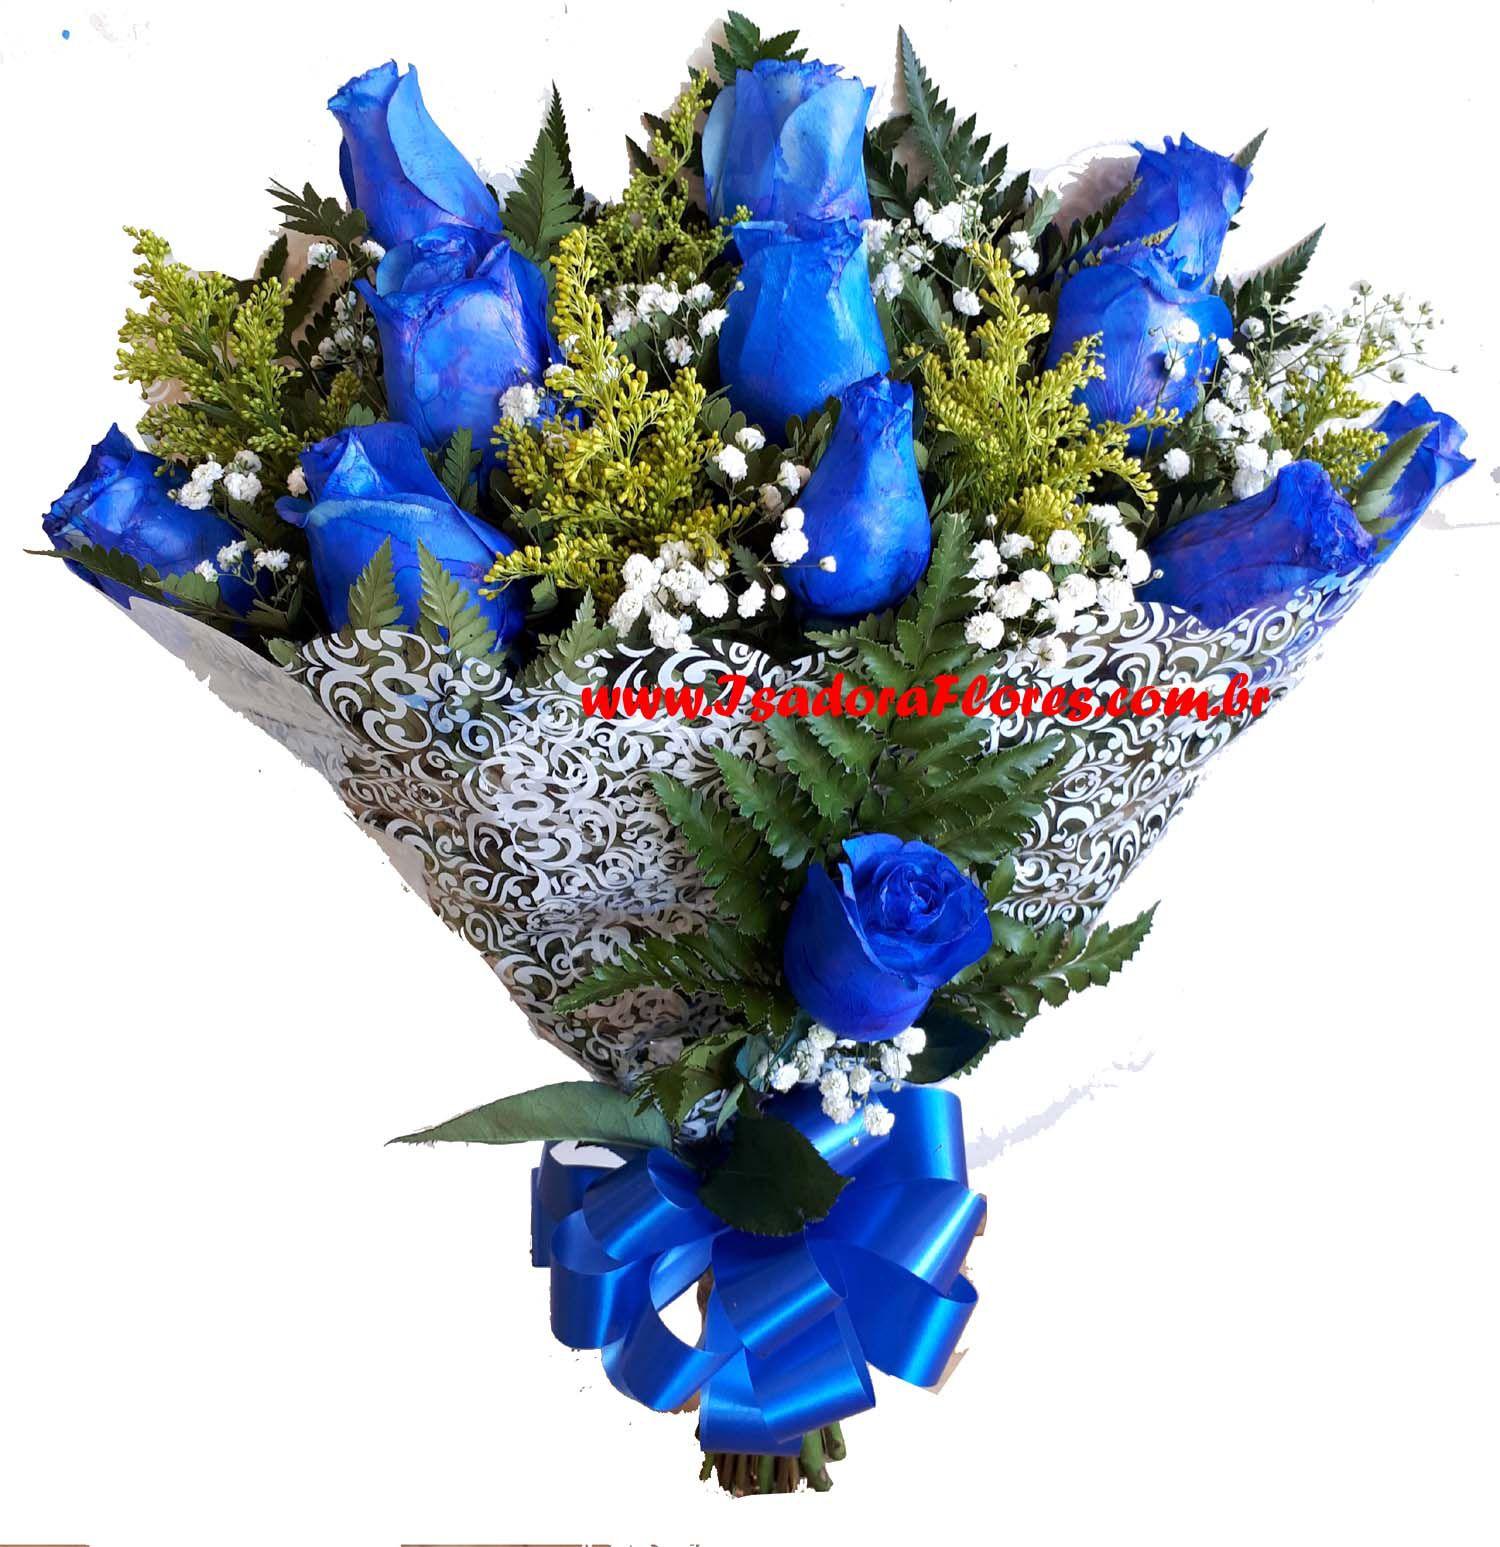 2190 Buquê com 1 dúzia de Rosas Azuis